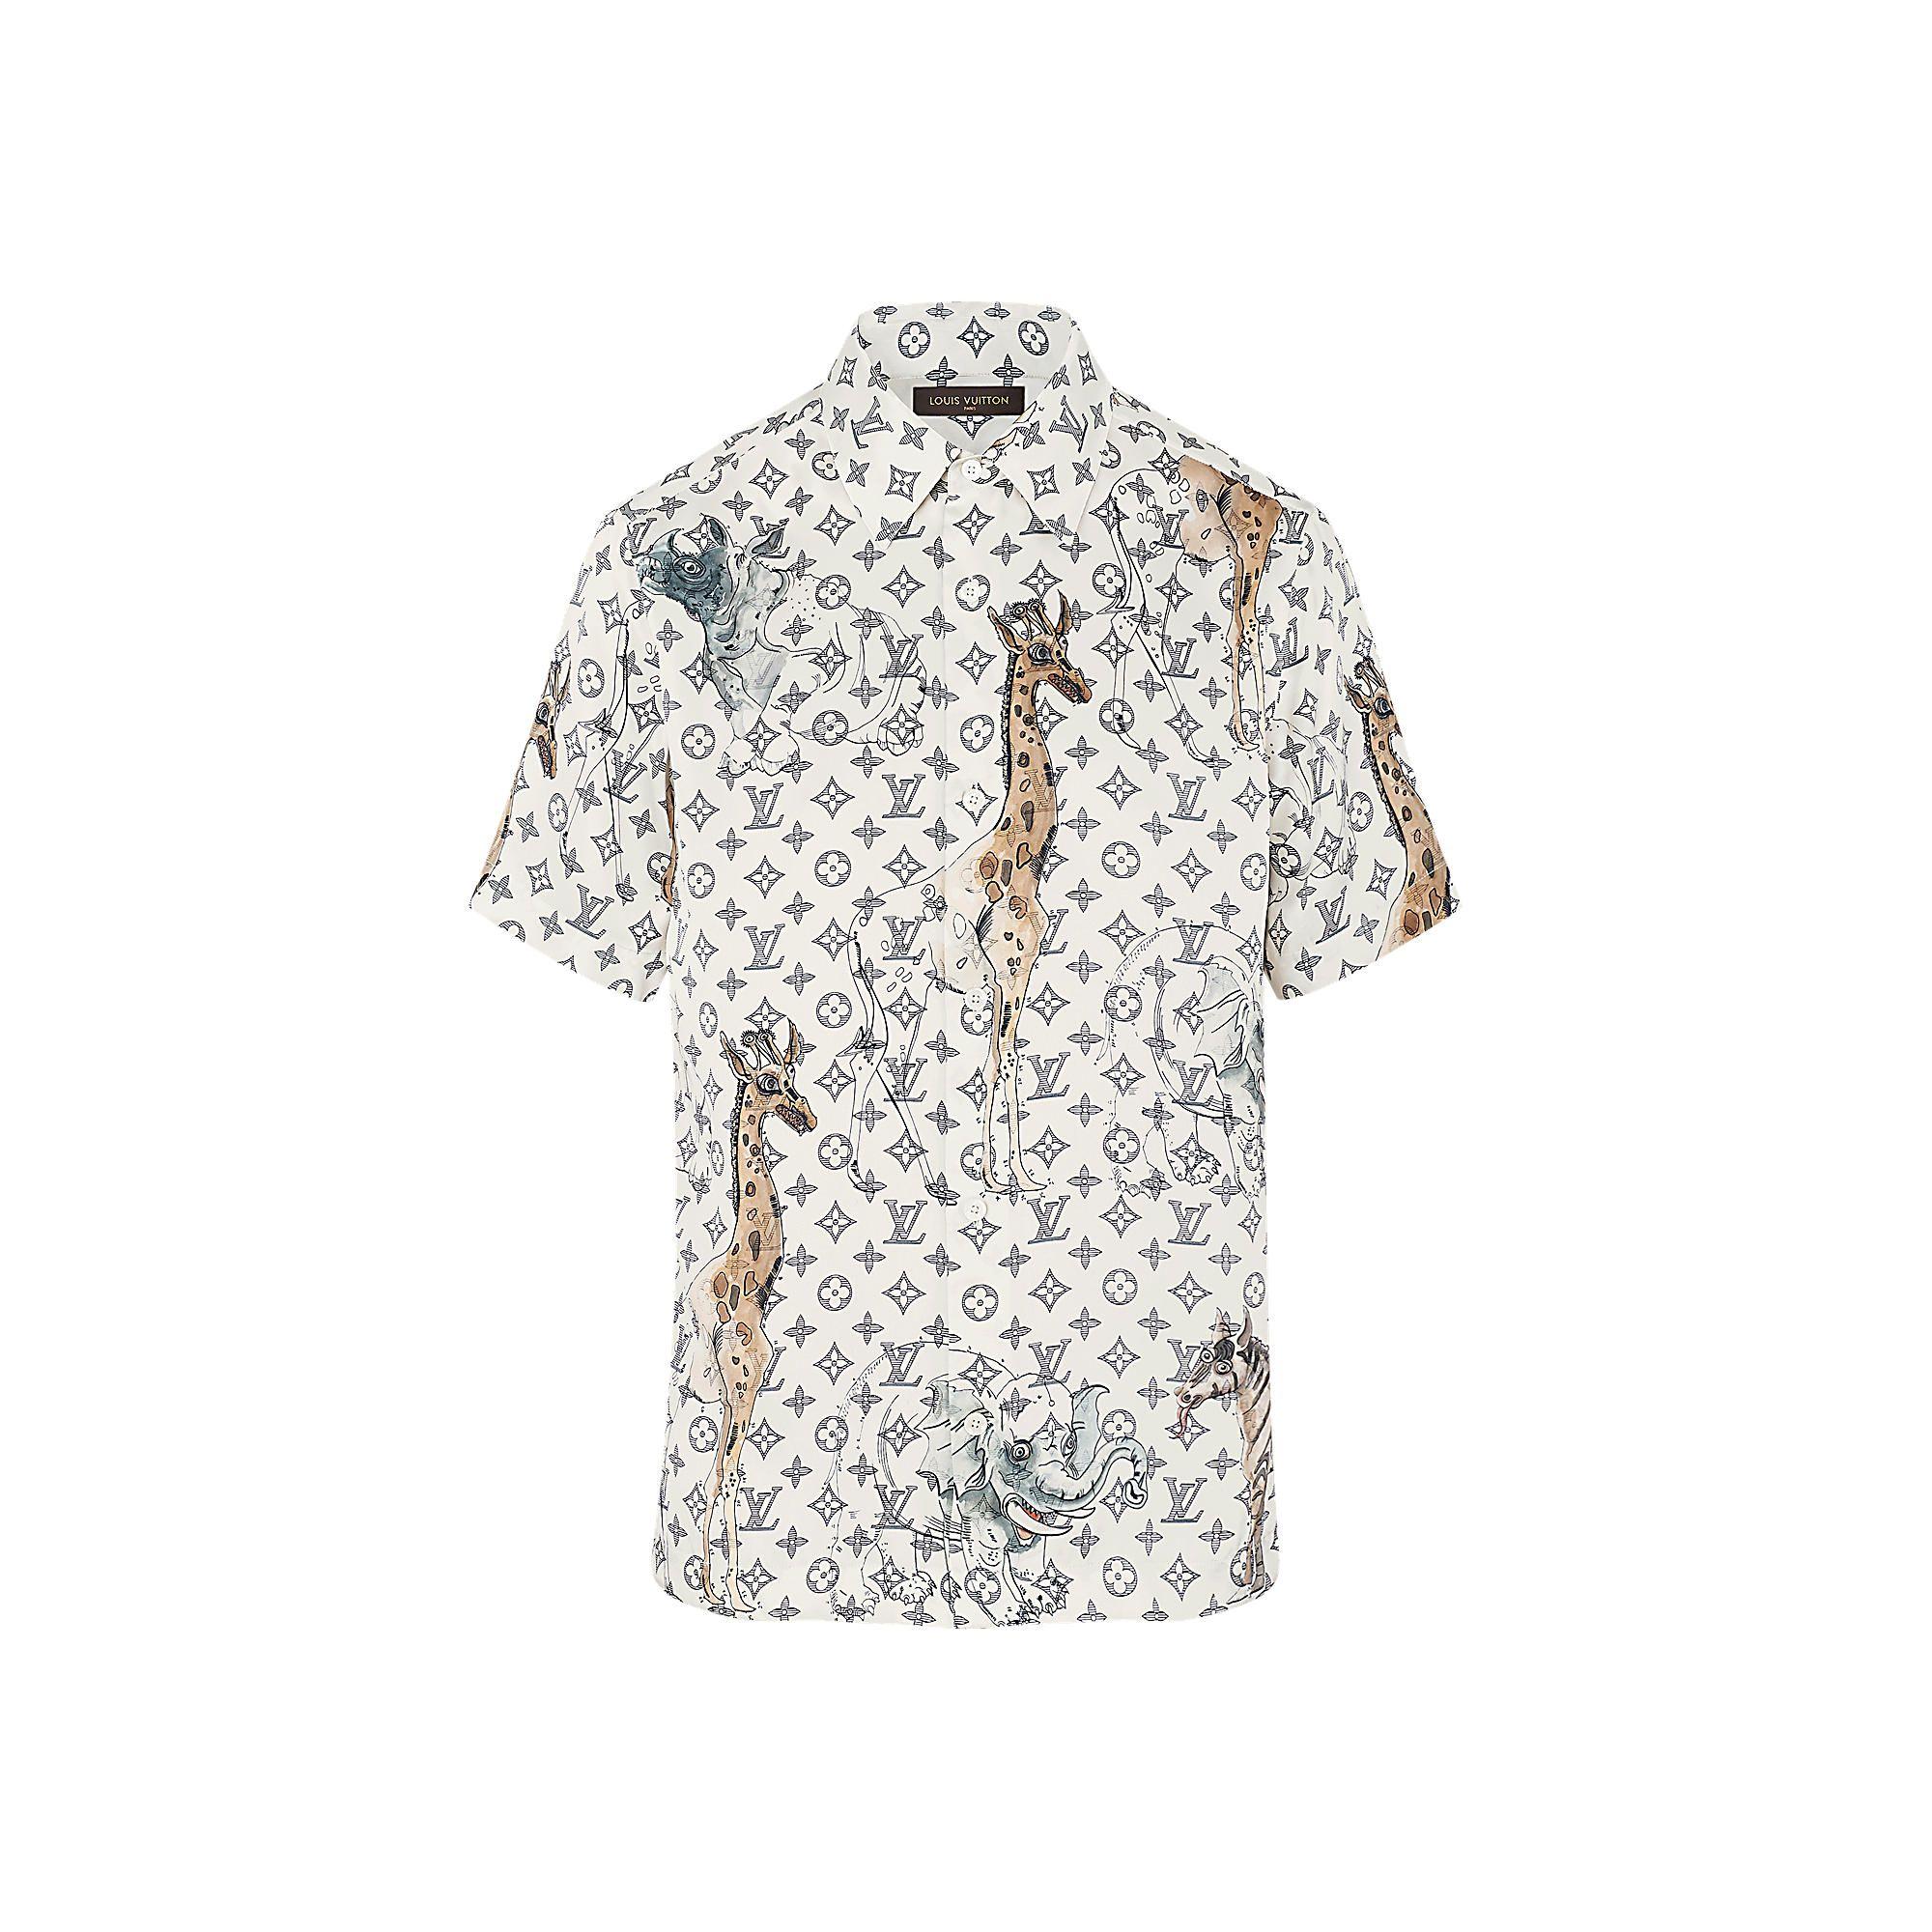 Louis Vuitton Monogram Shirt Mens Joe Maloy